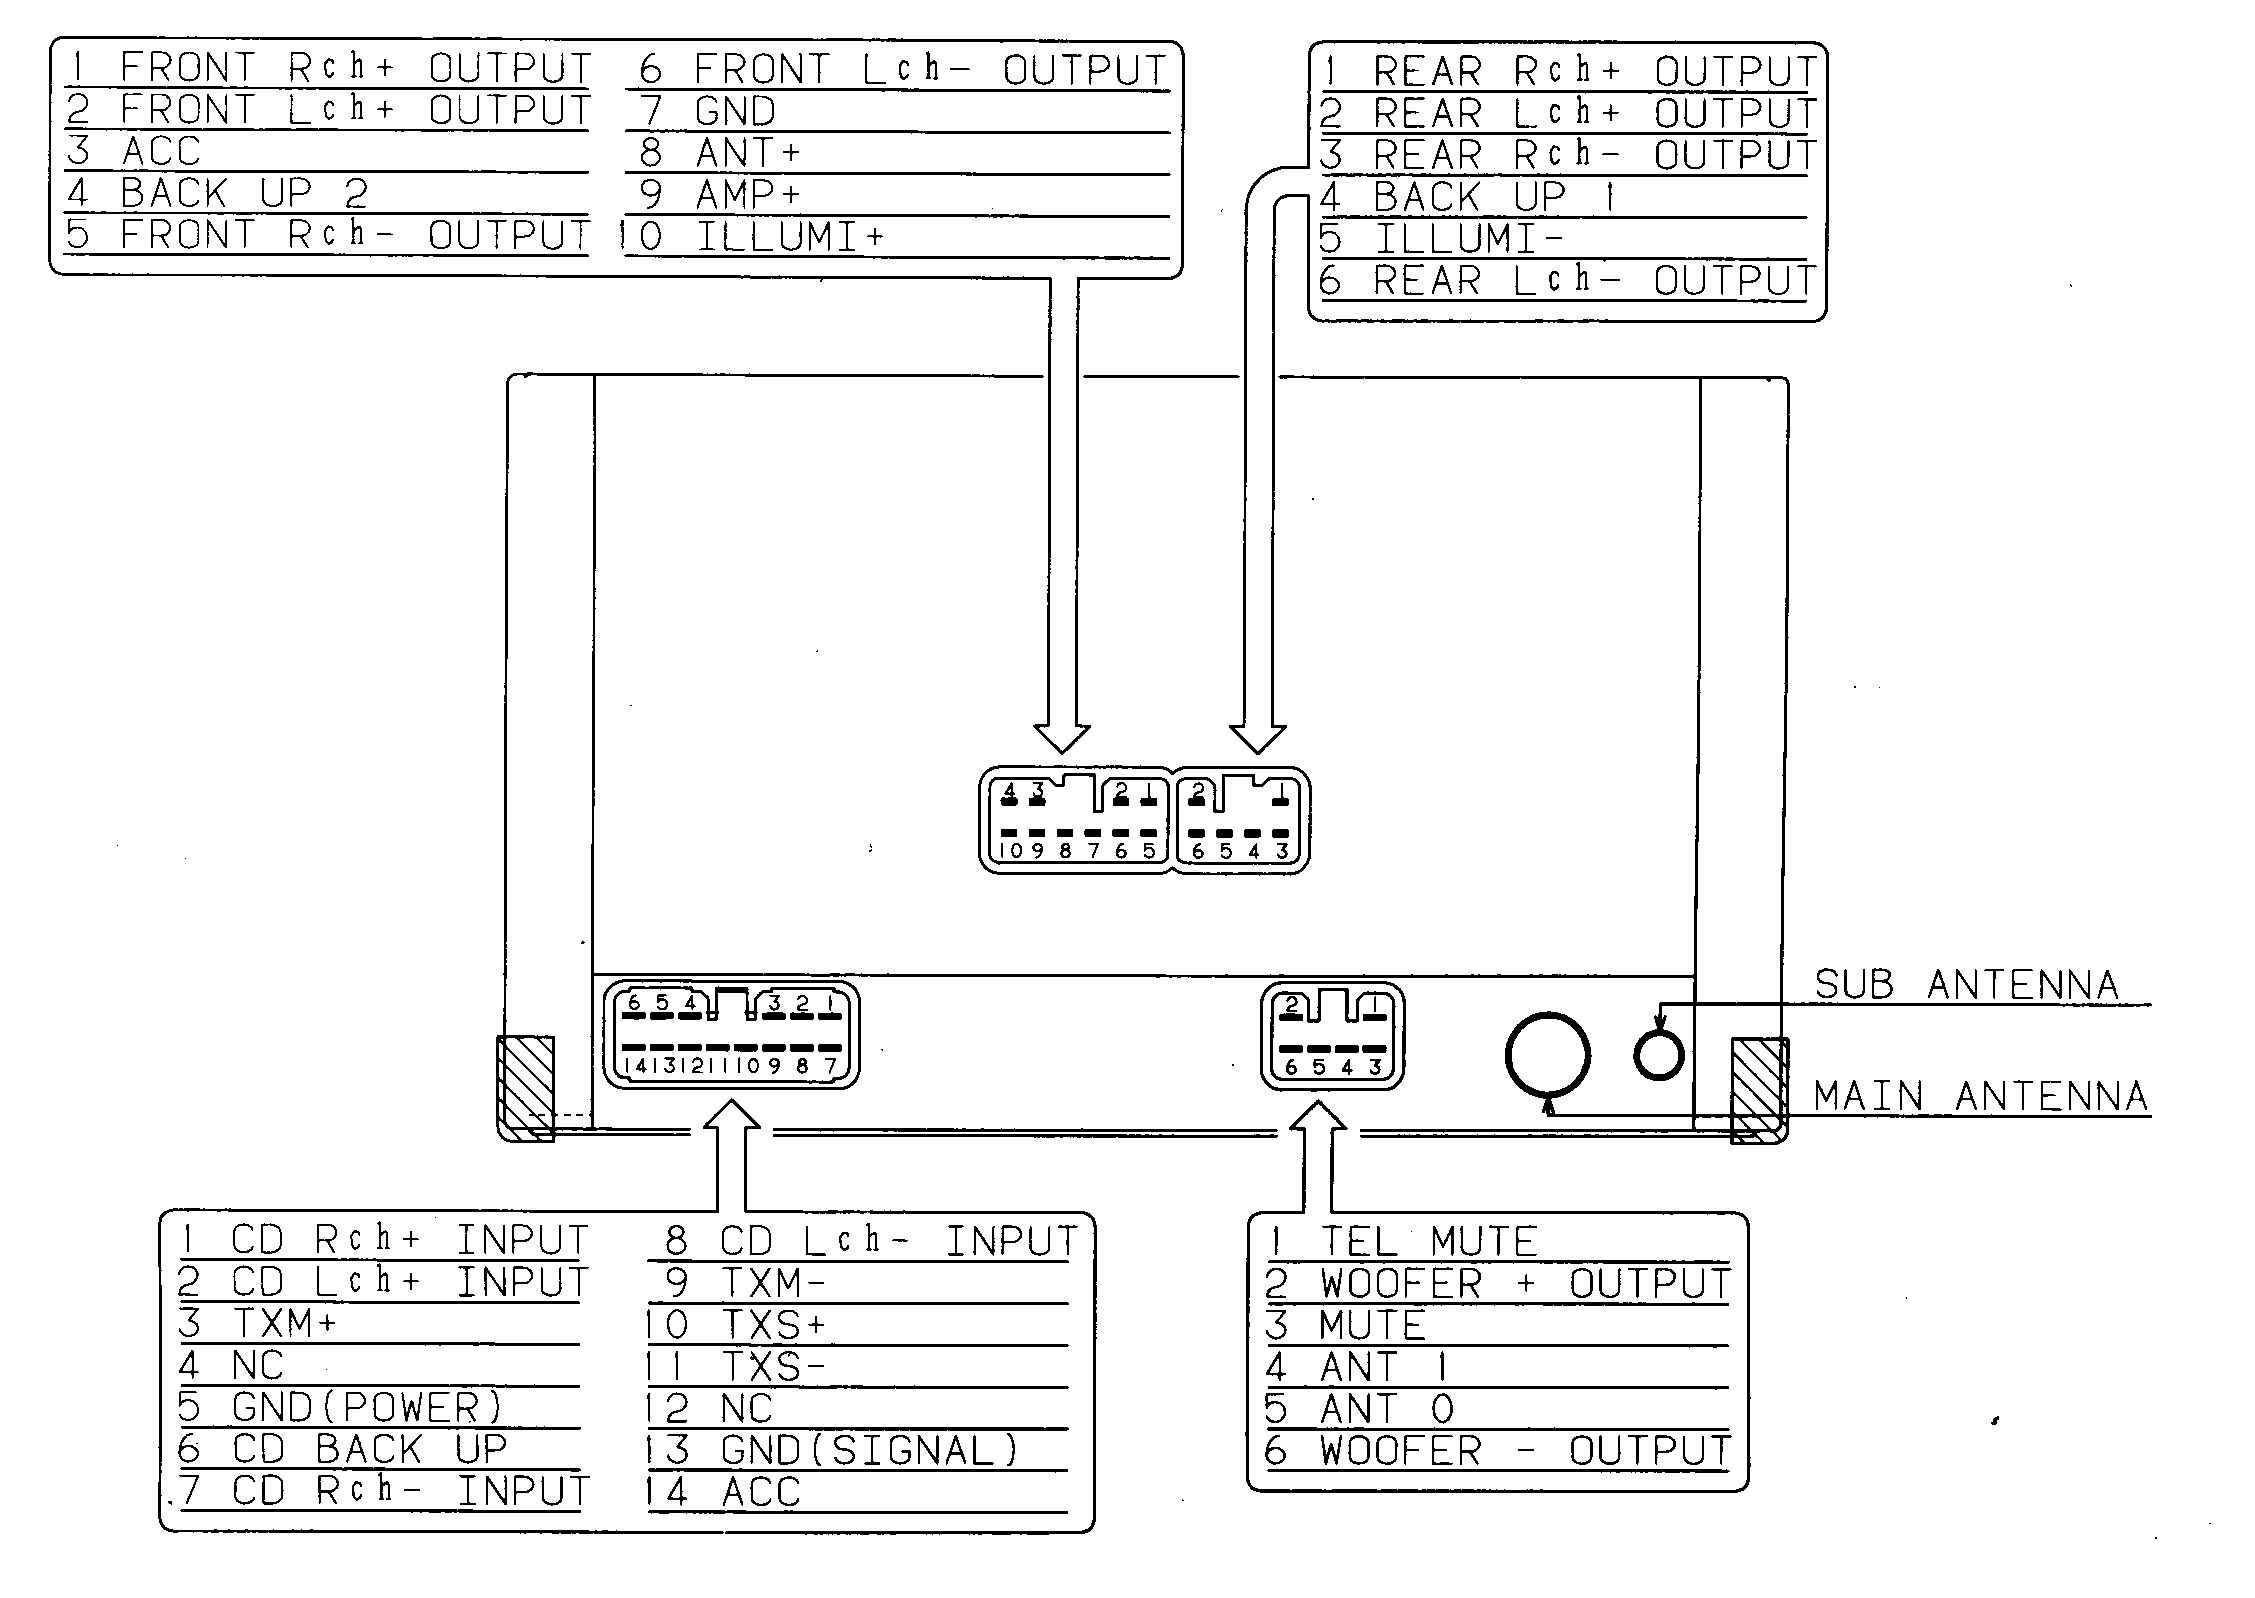 1997 Lexus Es300 Wiring Diagram from i2.wp.com